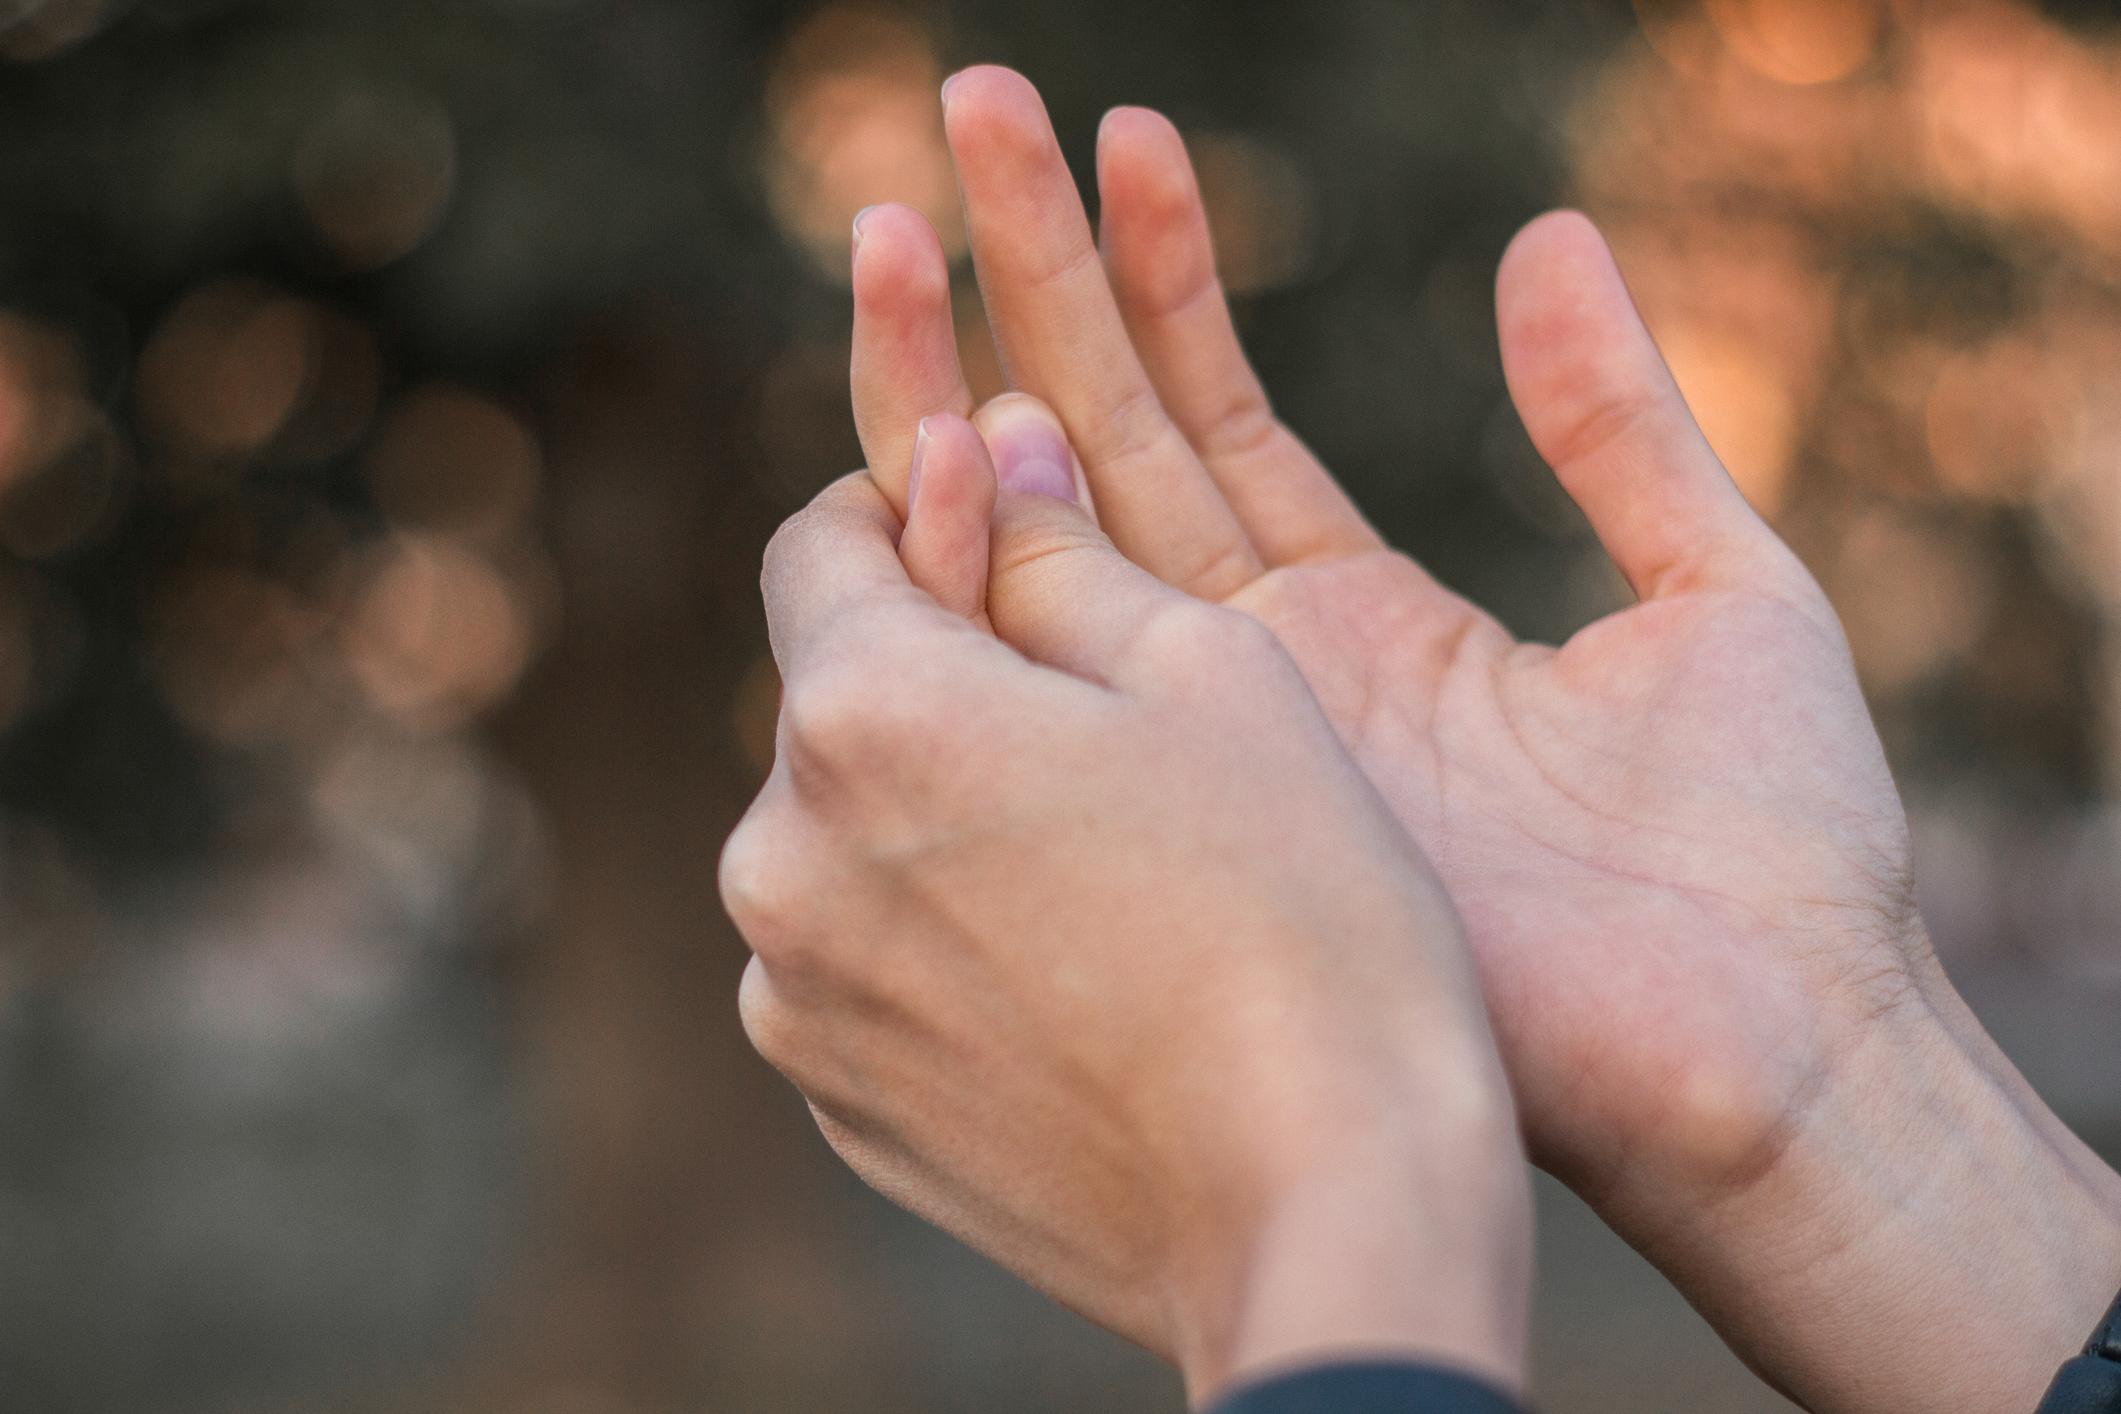 vörös foltok jelentek meg a bal kézen)